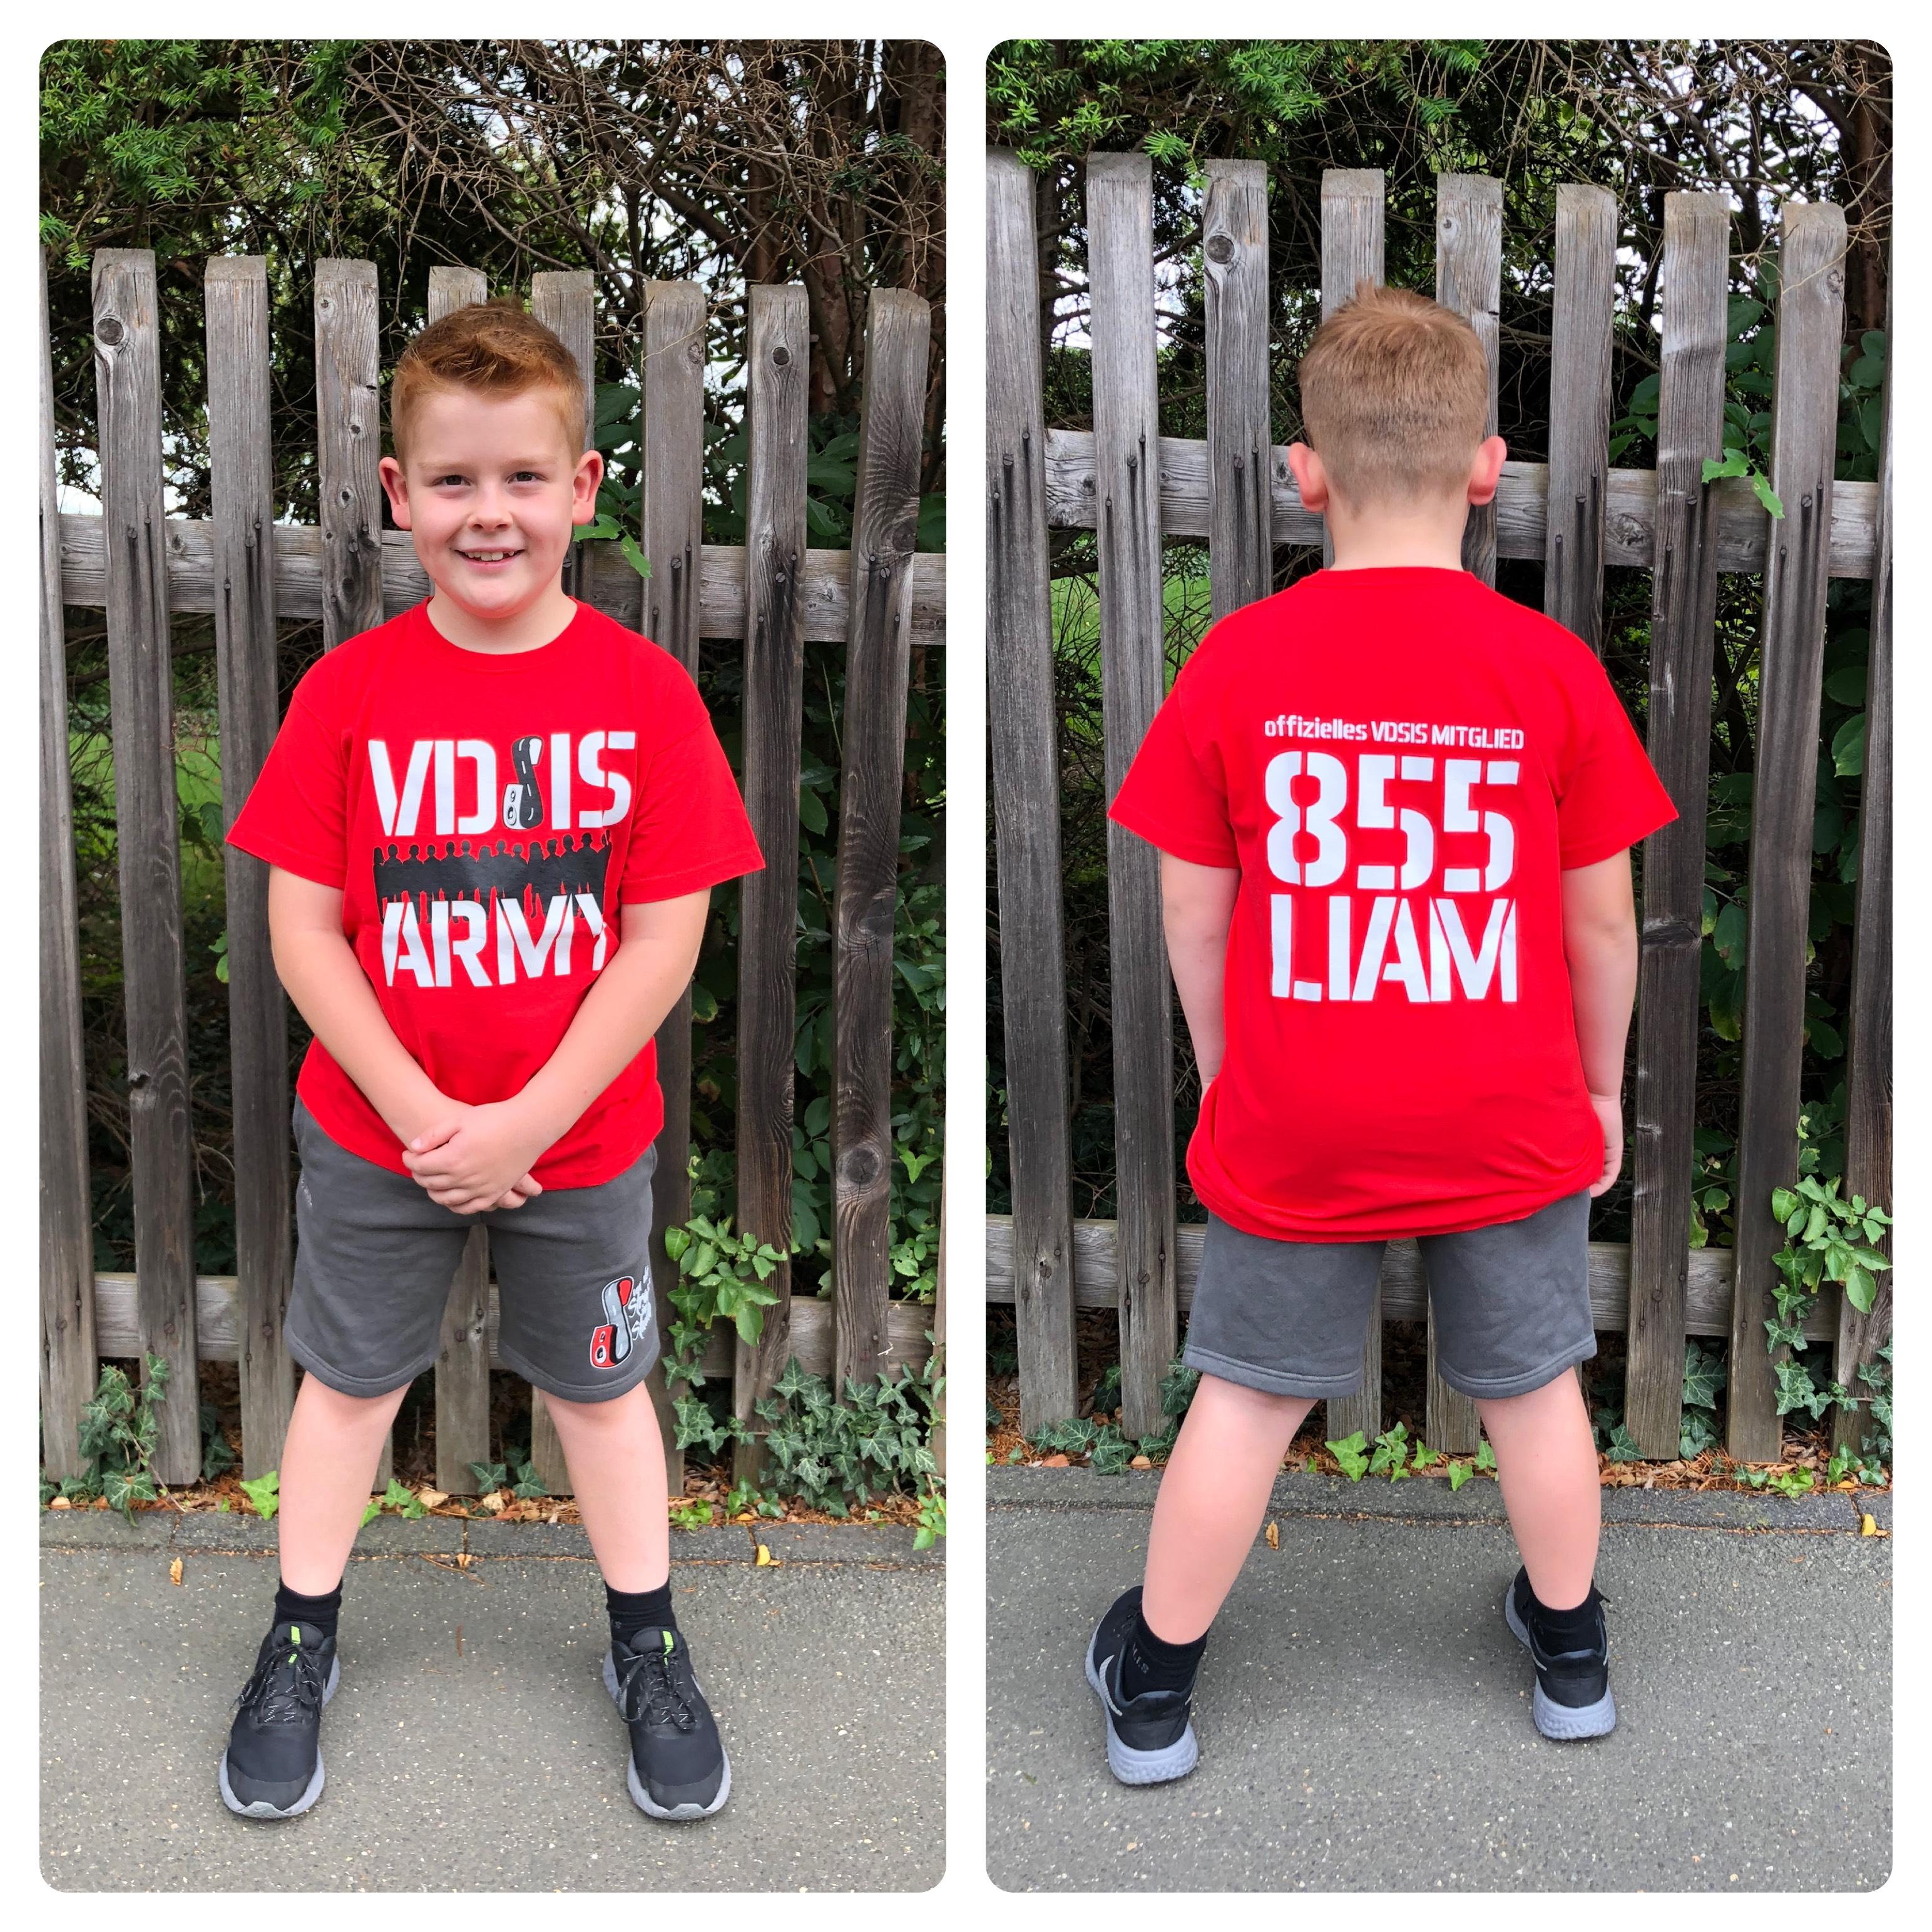 855 Liam vdsisarmy